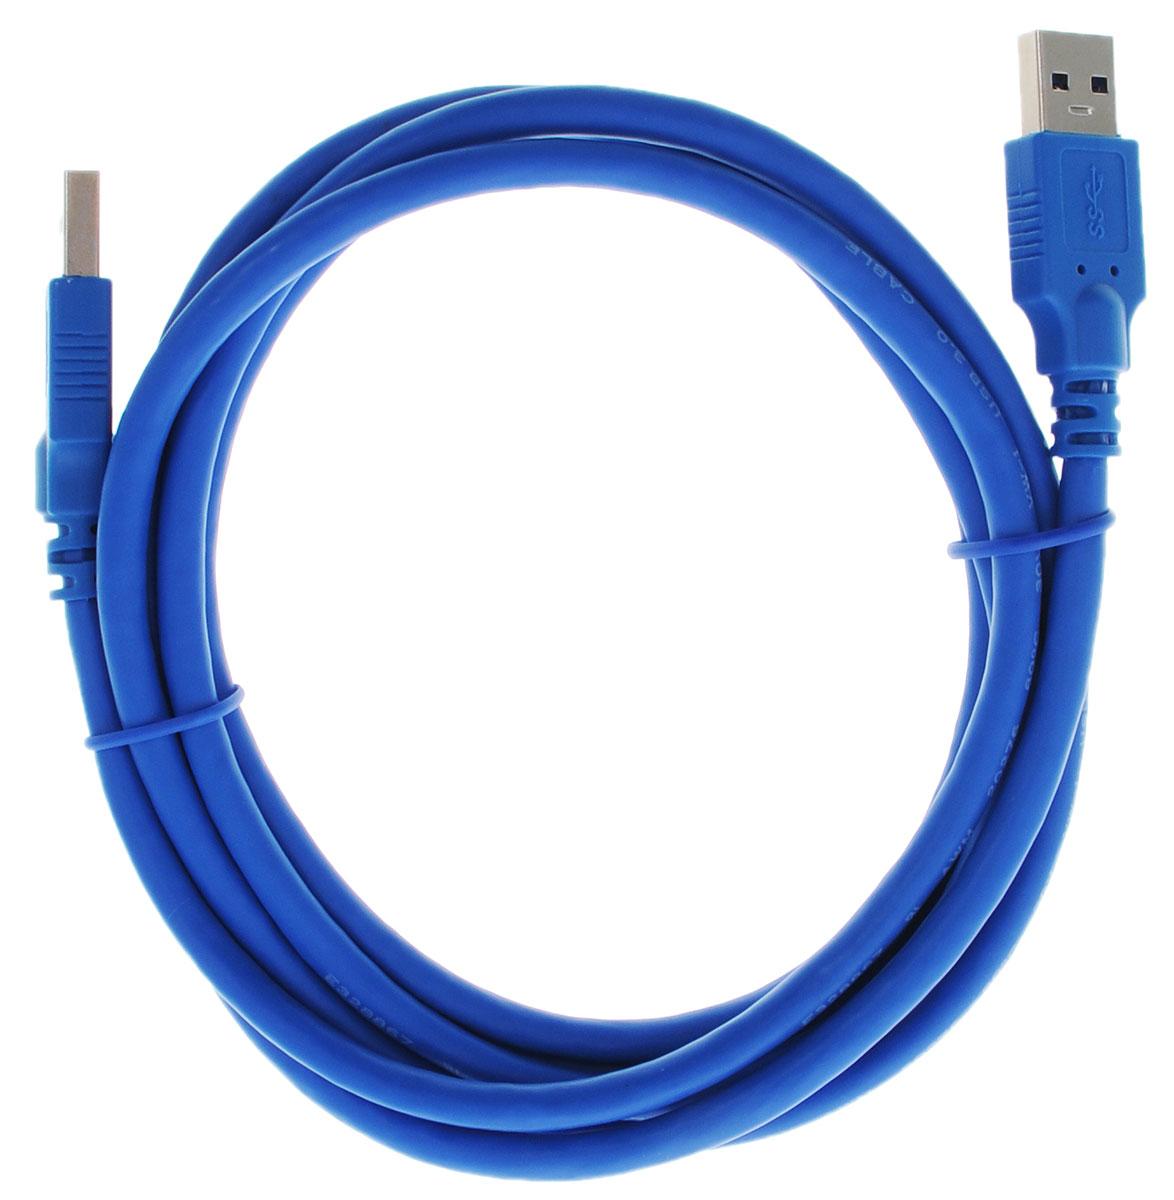 Greenconnect Premium GC-U3A01, Blue кабель USB 2 мGC-U3A01-2mКабель Greenconnect Premium GC-U3A01 используется для соединения ПК или ноутбука с периферийными устройствами: HD-DVD, принтер, внешний жесткий диск, Blu-ray и другими. Кабель имеет двойное экранирование (сочетание фольгированной и общей оплетки), что позволяет защитить сигнал при передаче от влияния внешних полей, способных создать помехи. Скорость передачи данных: до 5 Гбит Тип оболочки: PVC (ПВХ) Совместимость: USB 3.0/2.0/1.1